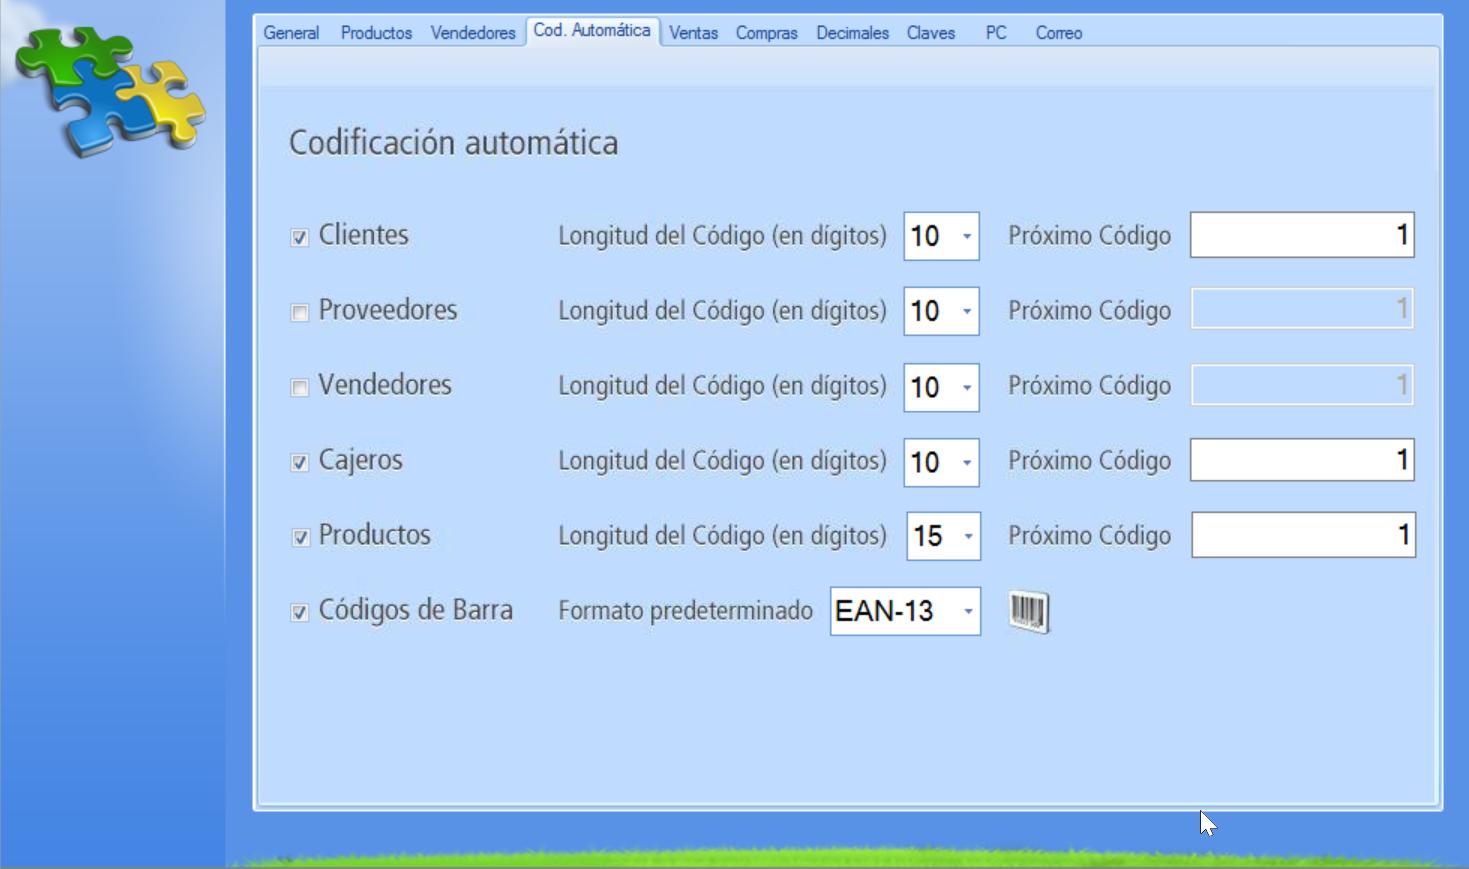 Pestaña Codificación Automática en la ventana de Configuración de la aplicación